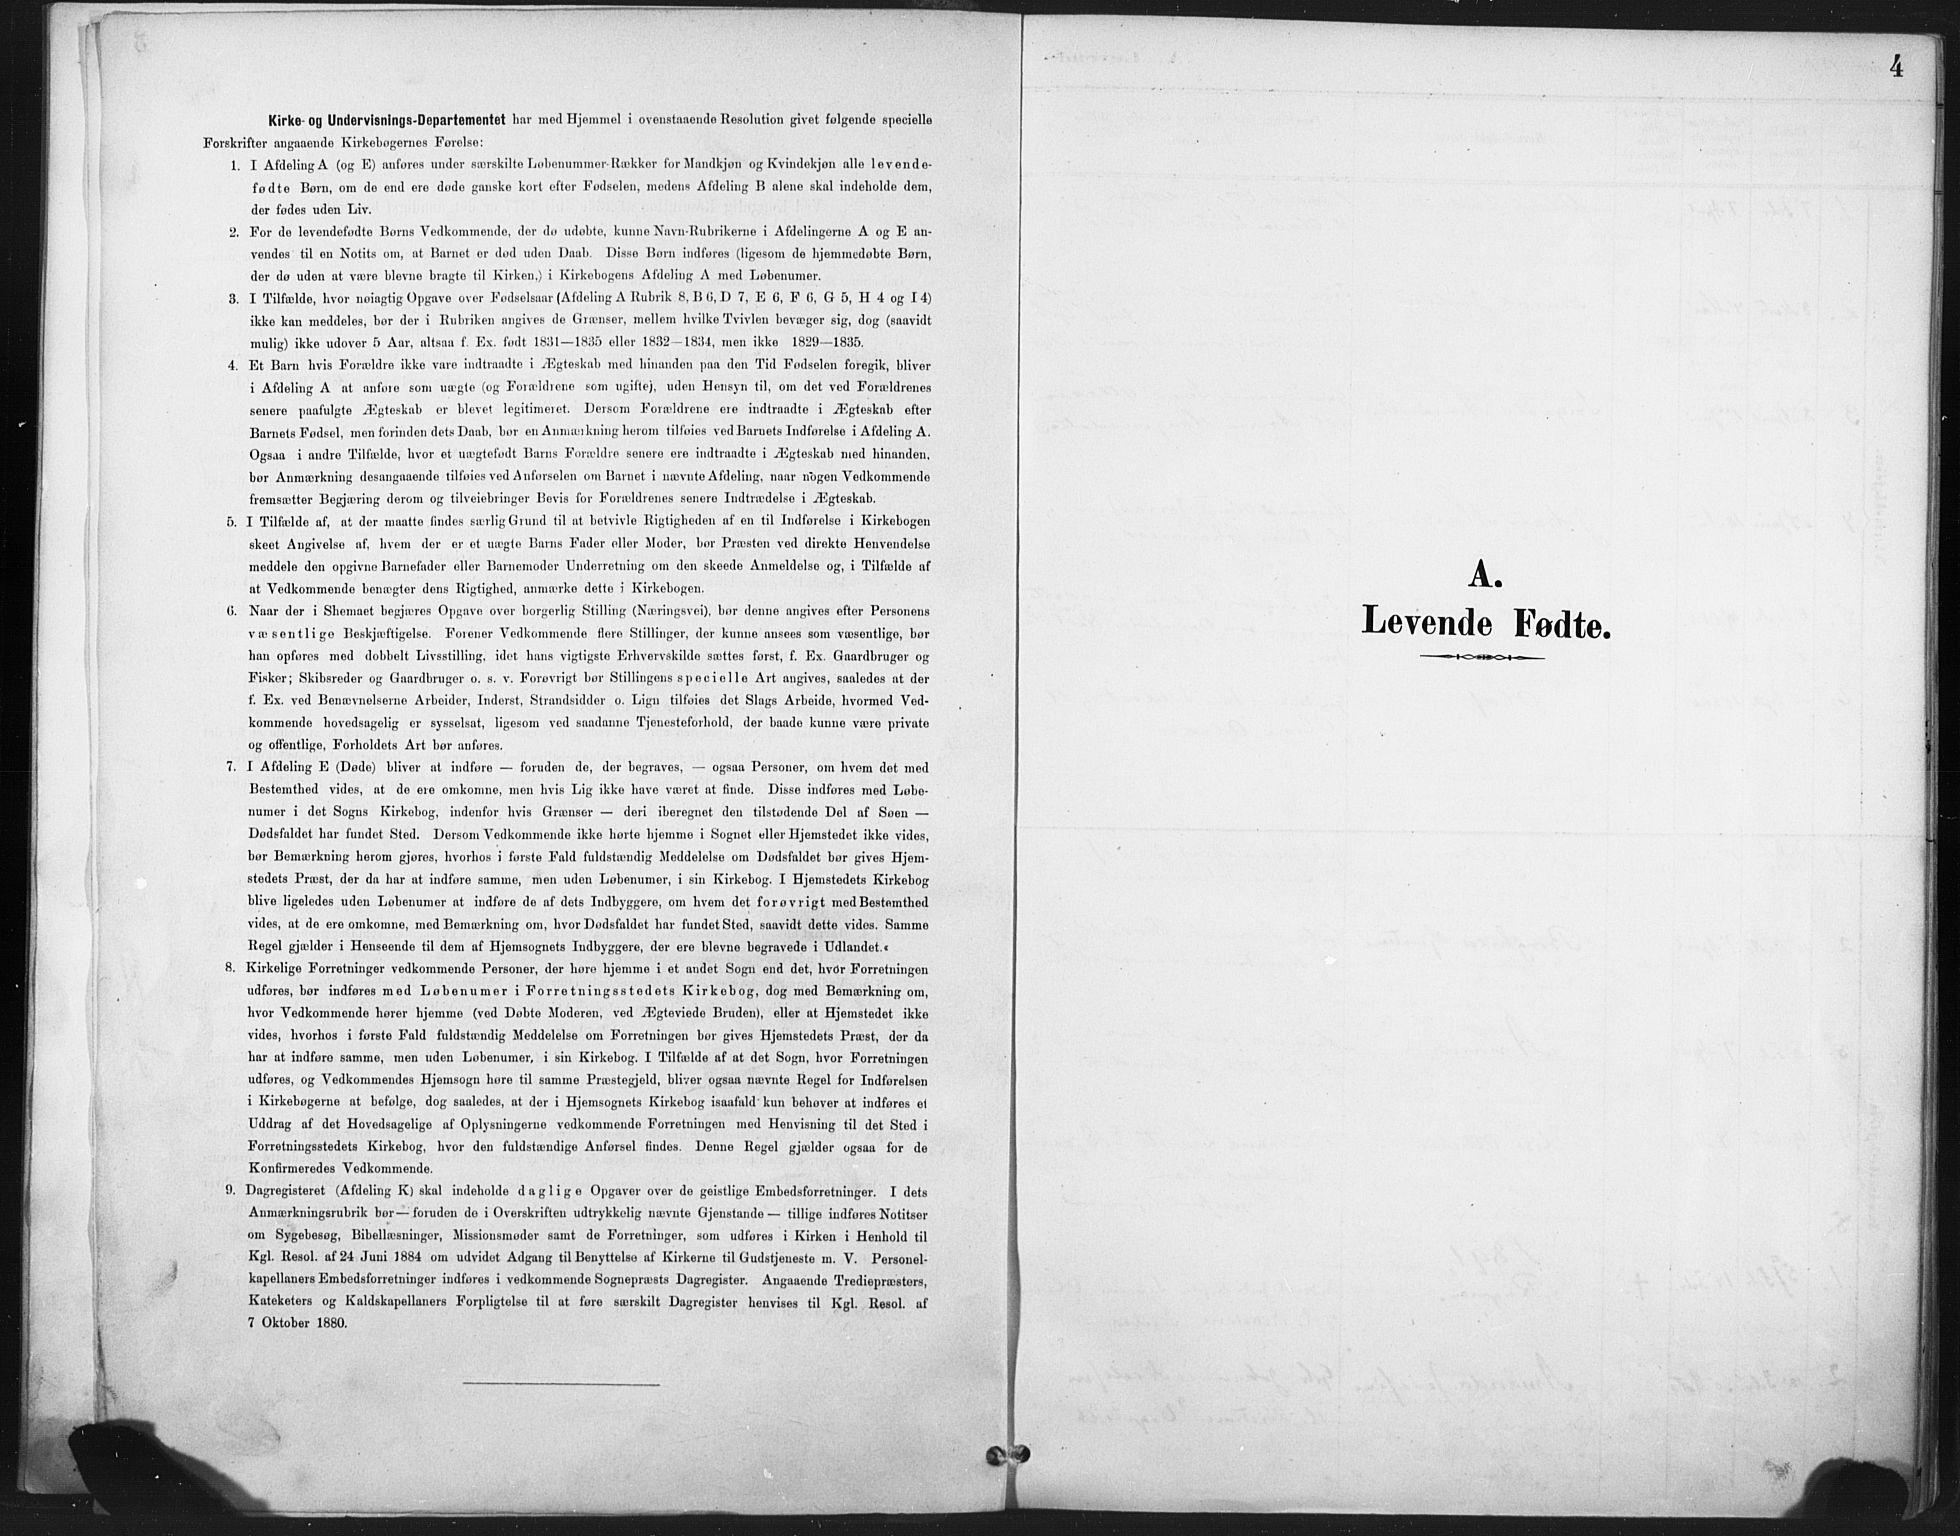 SAT, Ministerialprotokoller, klokkerbøker og fødselsregistre - Nord-Trøndelag, 718/L0175: Ministerialbok nr. 718A01, 1890-1923, s. 4